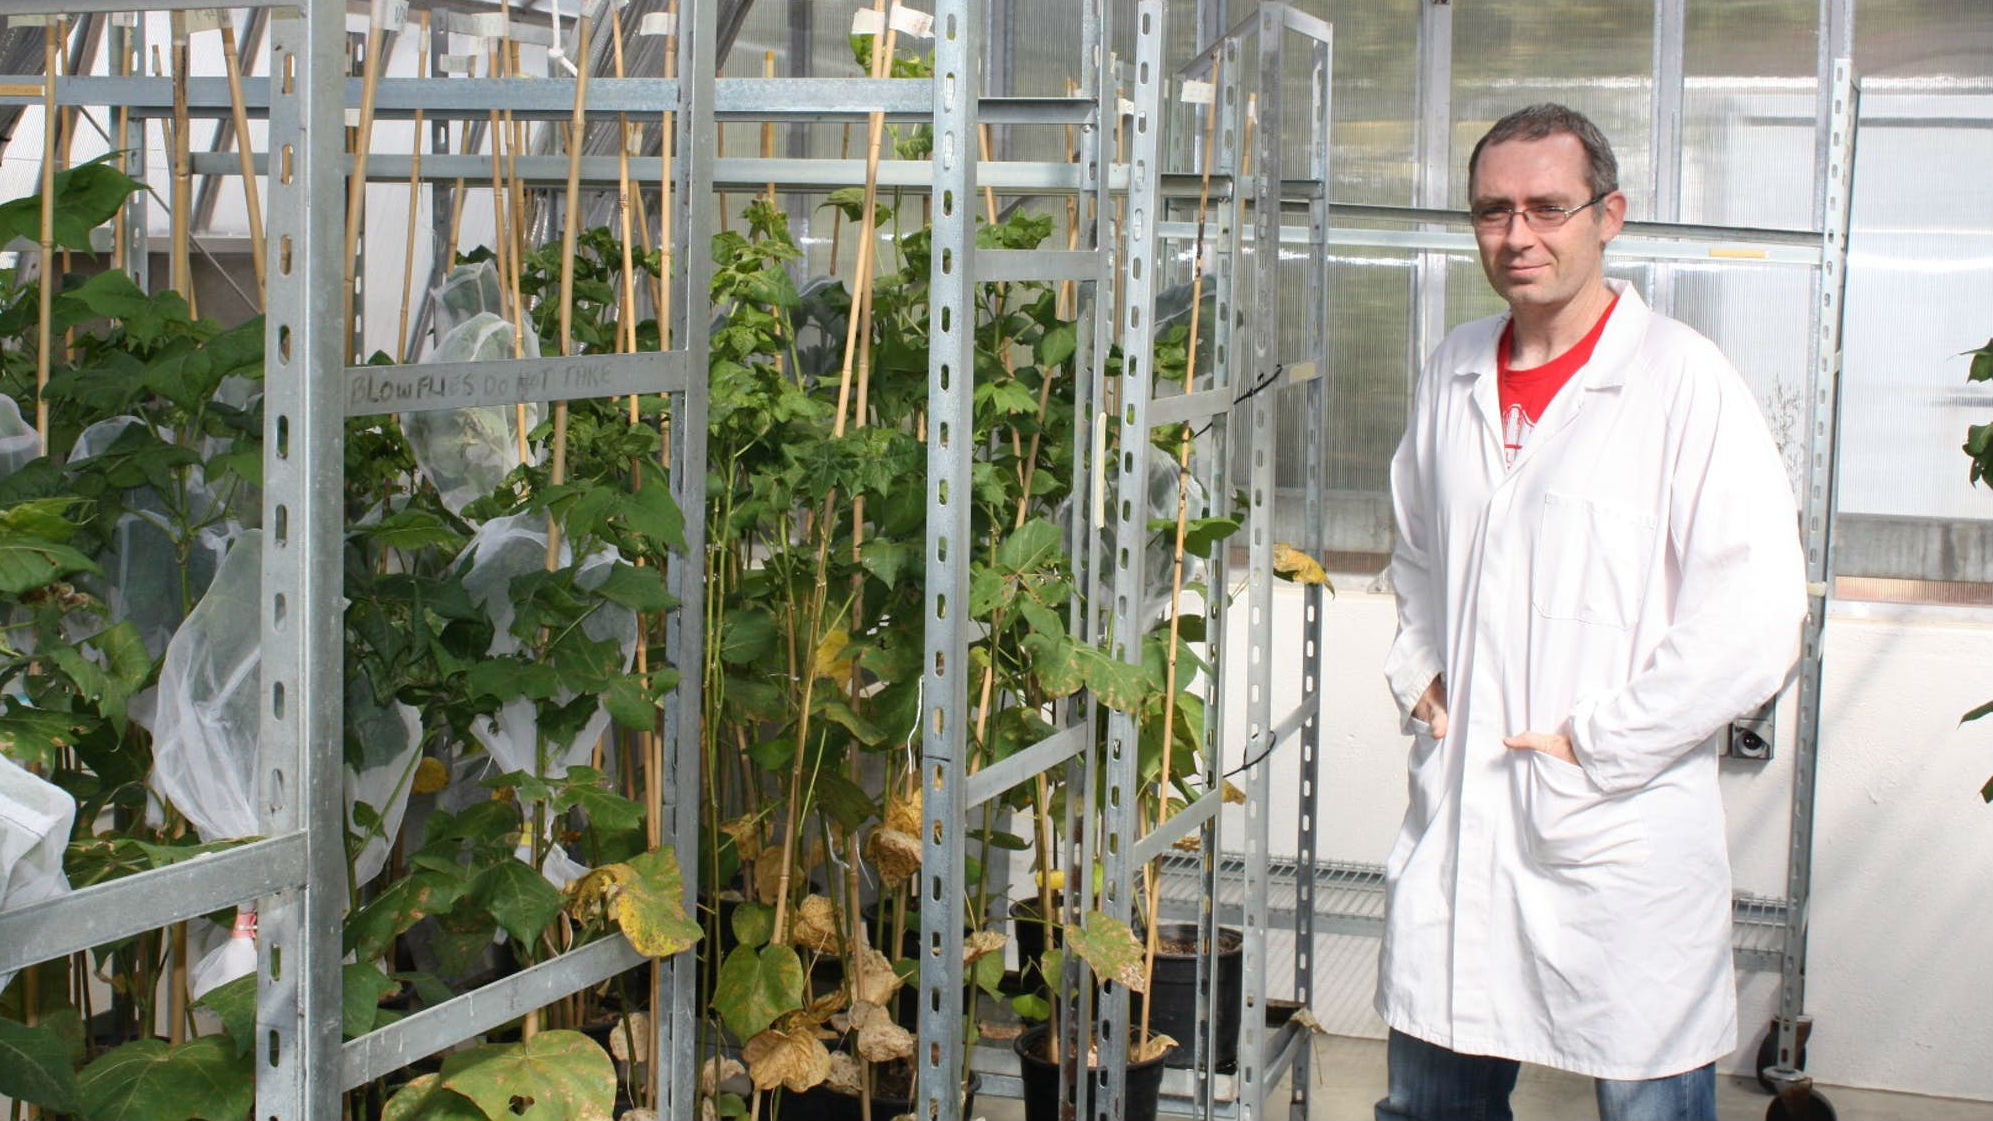 Исследователи серьёзно обеспокоены возможным распространением нового сельскохозяйственного вредителя по миру.